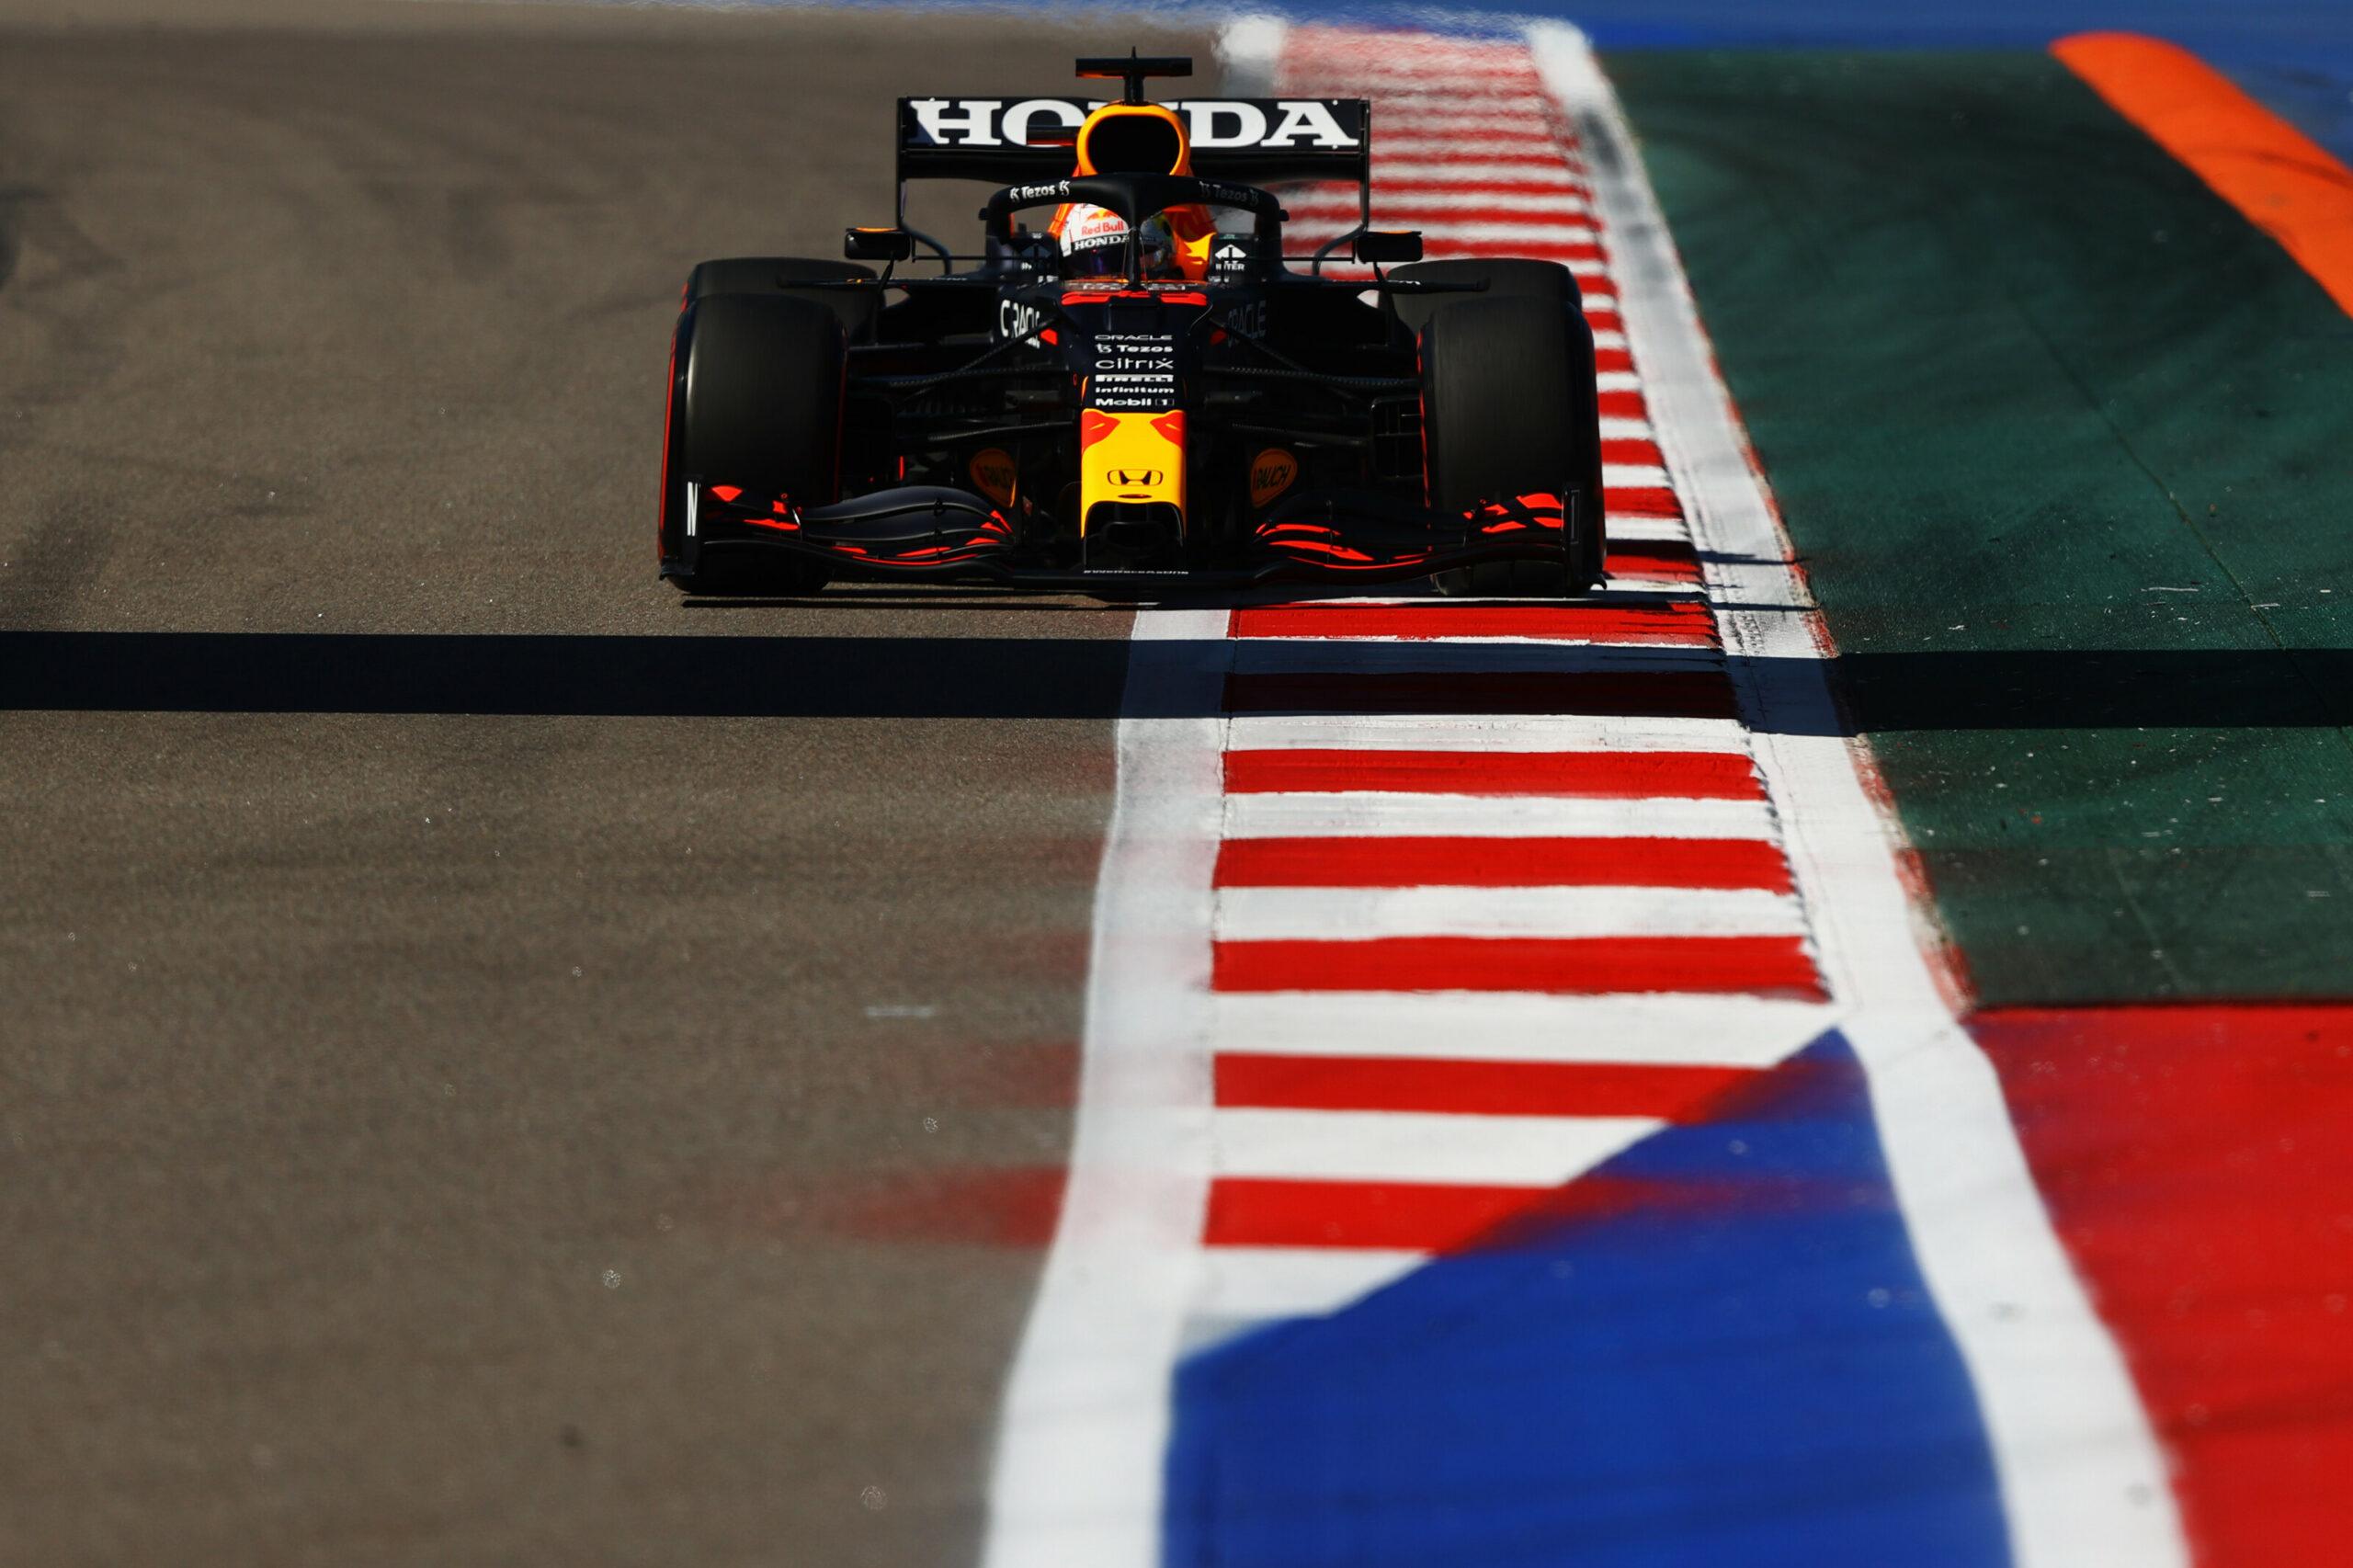 F1 - Verstappen s'attend à une remontée plus difficile qu'en 2018 à Sotchi